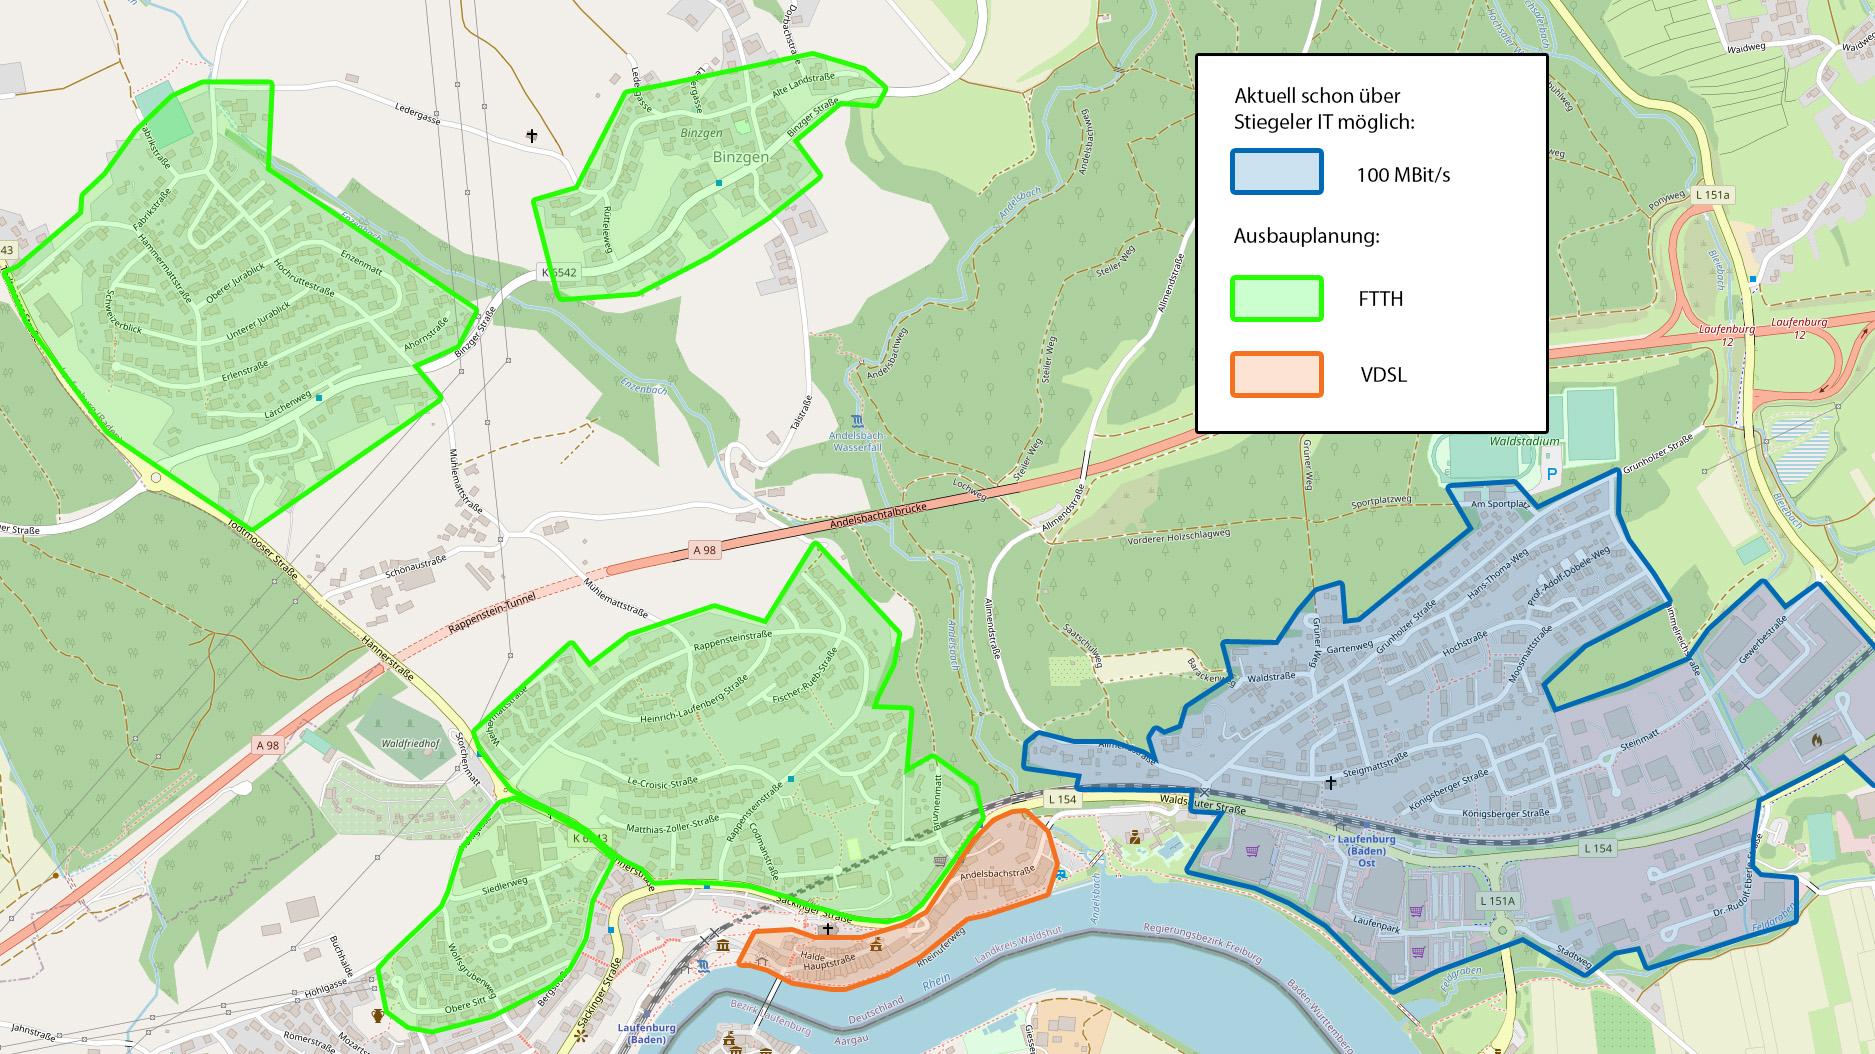 Stiegeler IT und Stadt modernisieren Breitband-Infrastruktur von Laufenburg